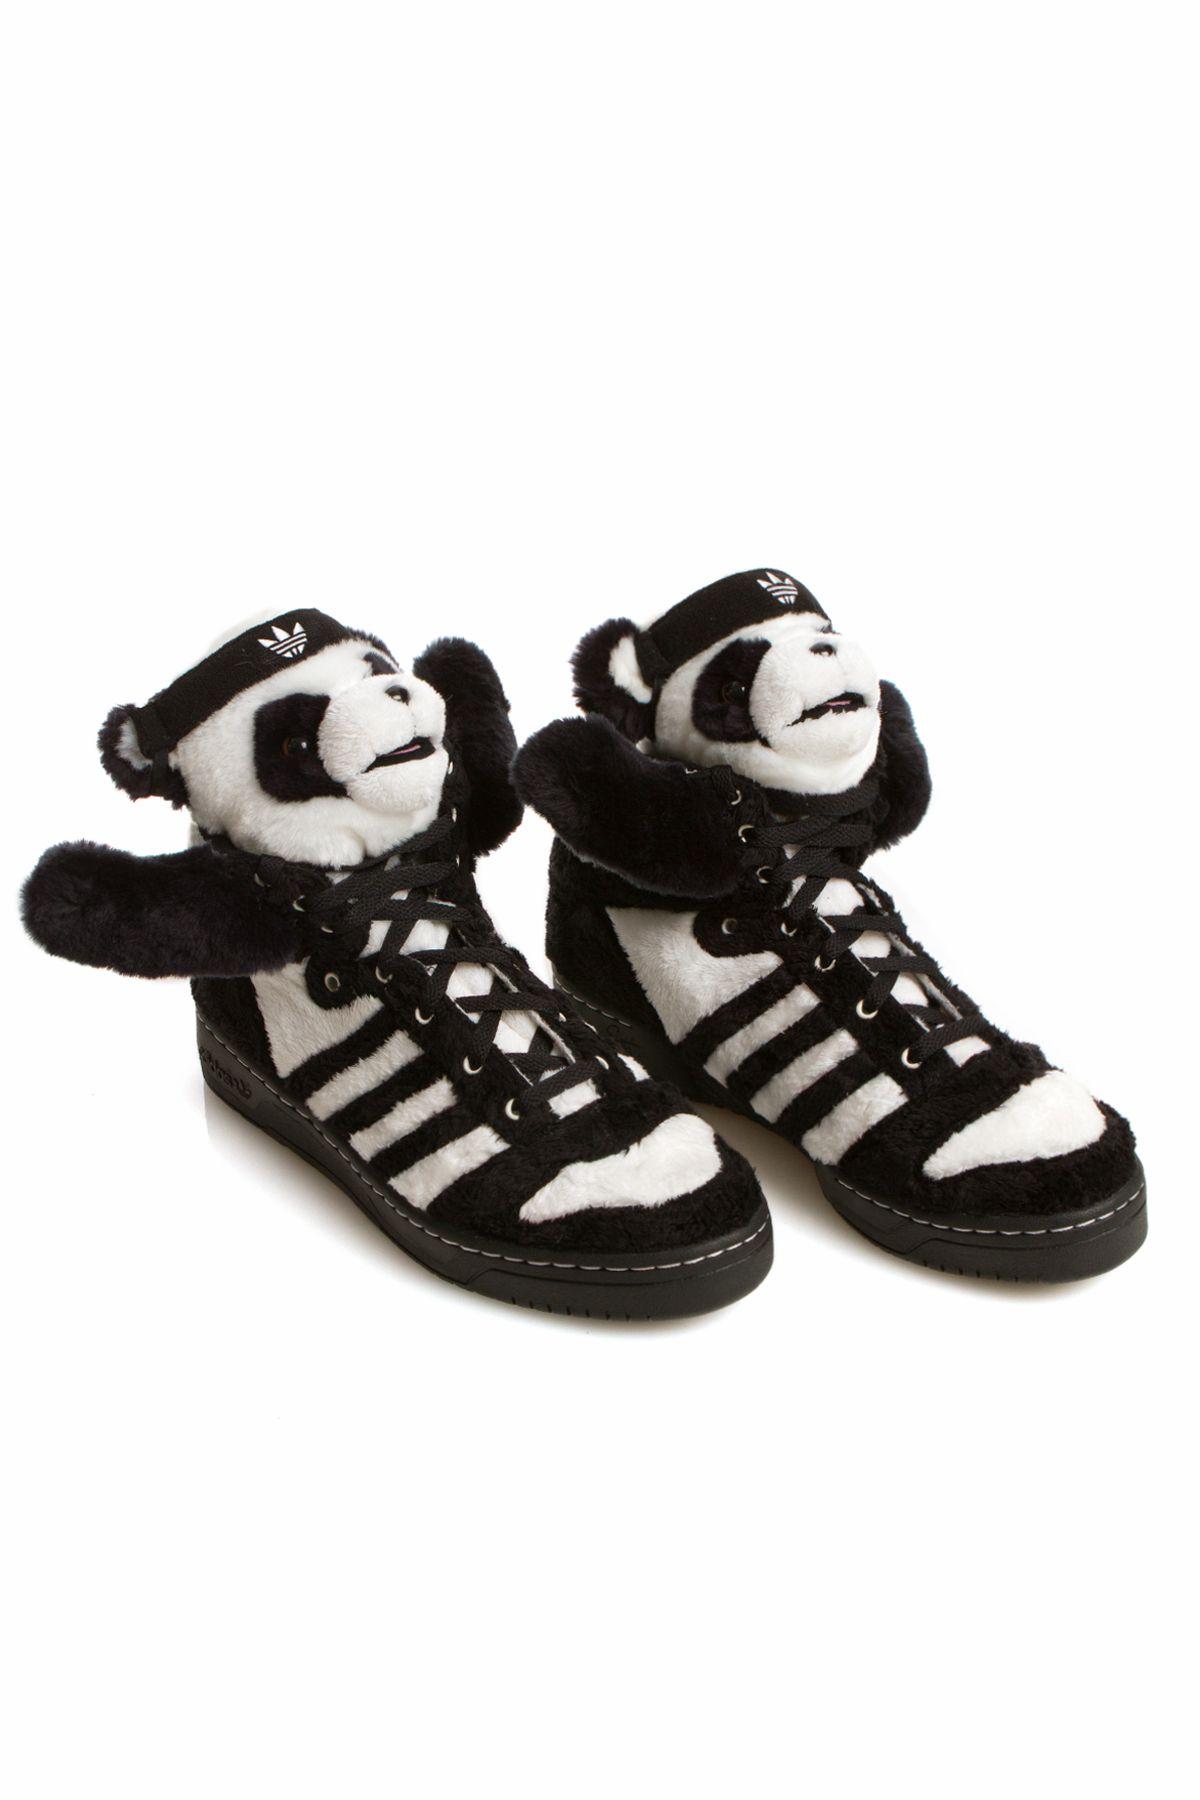 adidas panda by jeremy scott